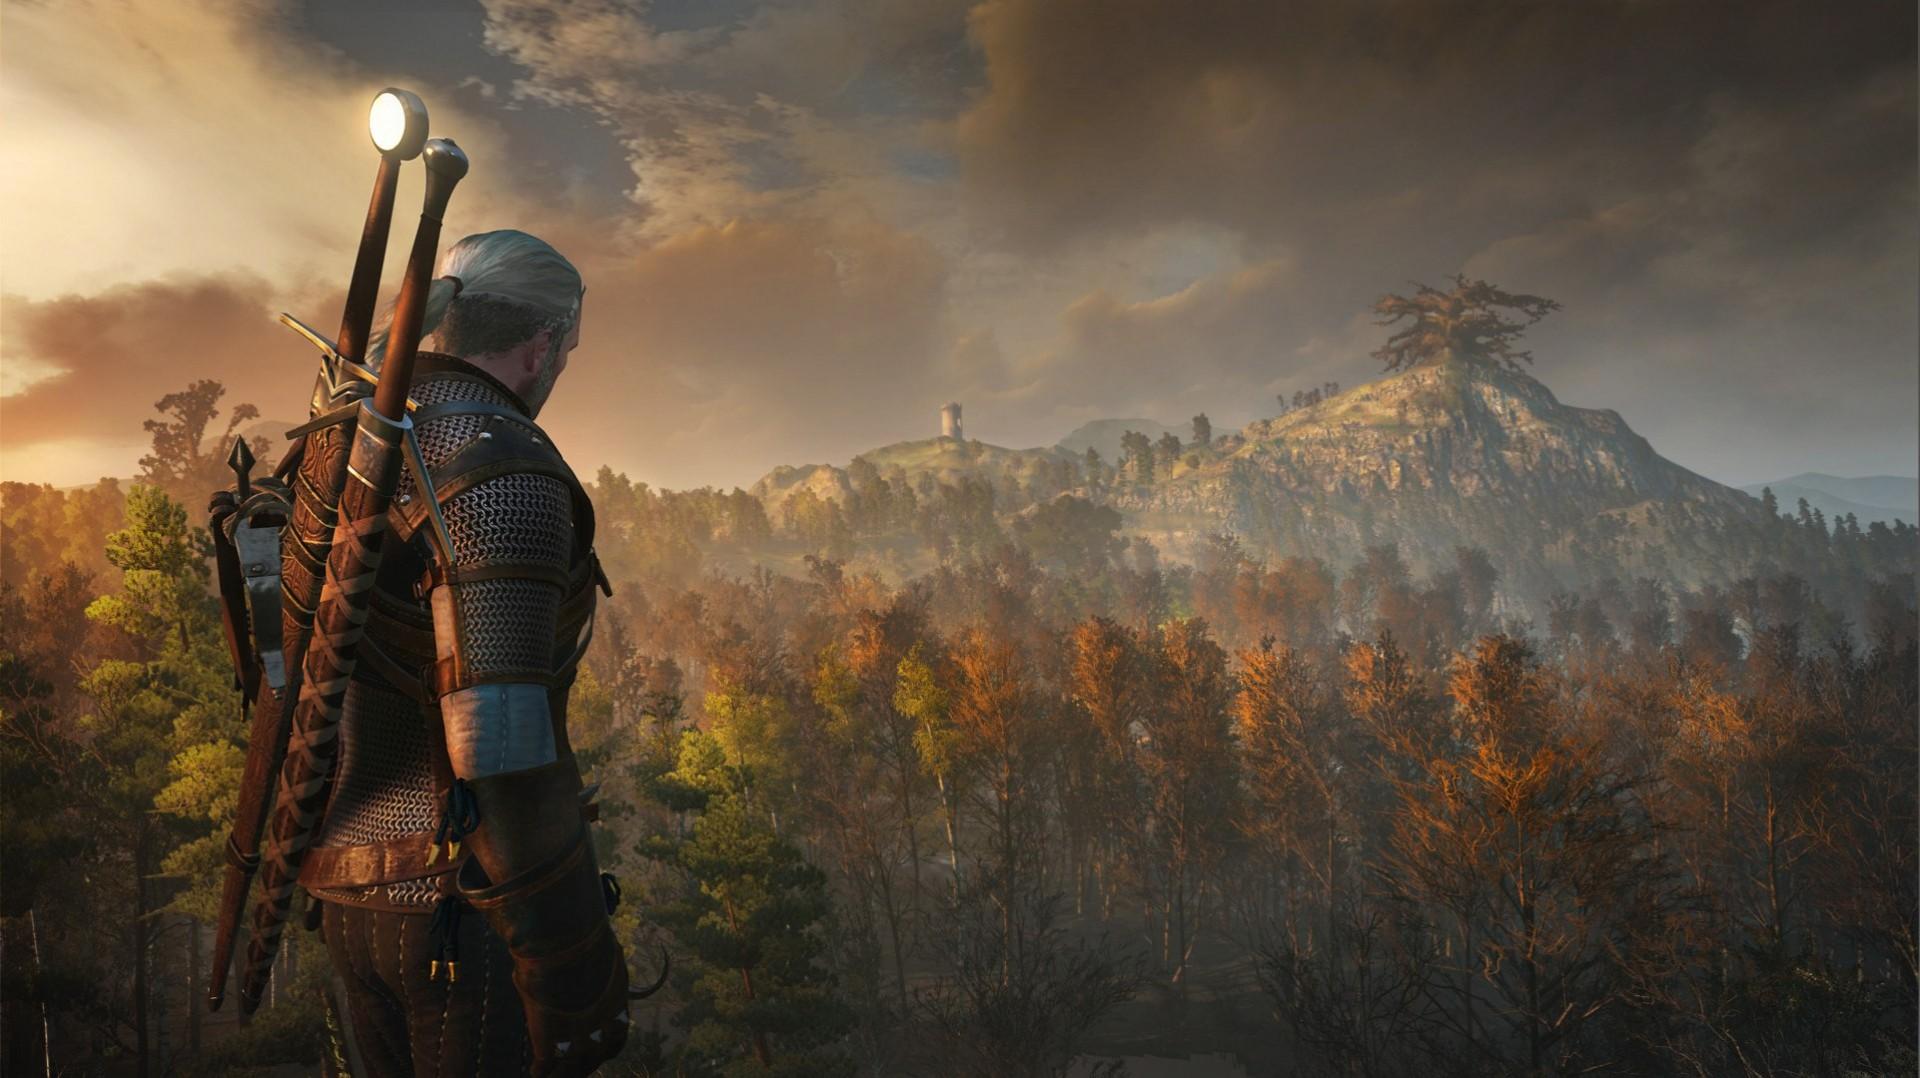 The Witcher 3: Wild Hunt. Все самое интересное за прошедшее время и новые факты.   Факты.    •Если вы хотите заработ ... - Изображение 23